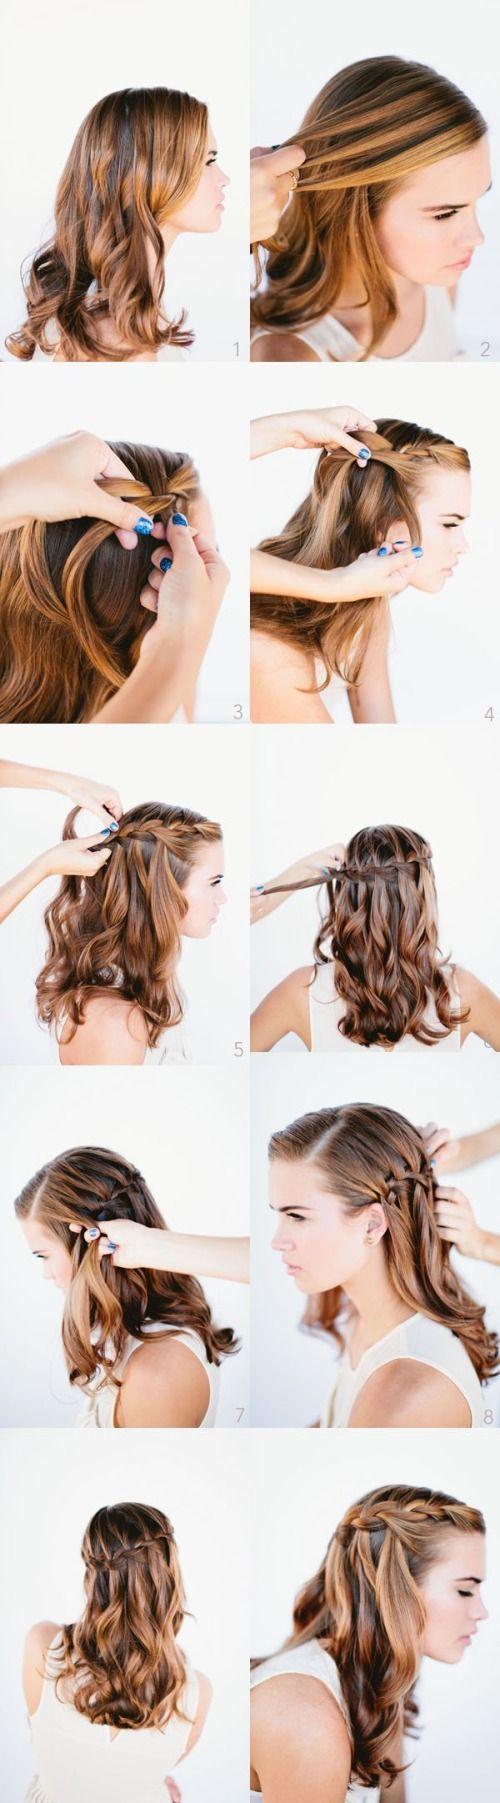 Коса на косе фото